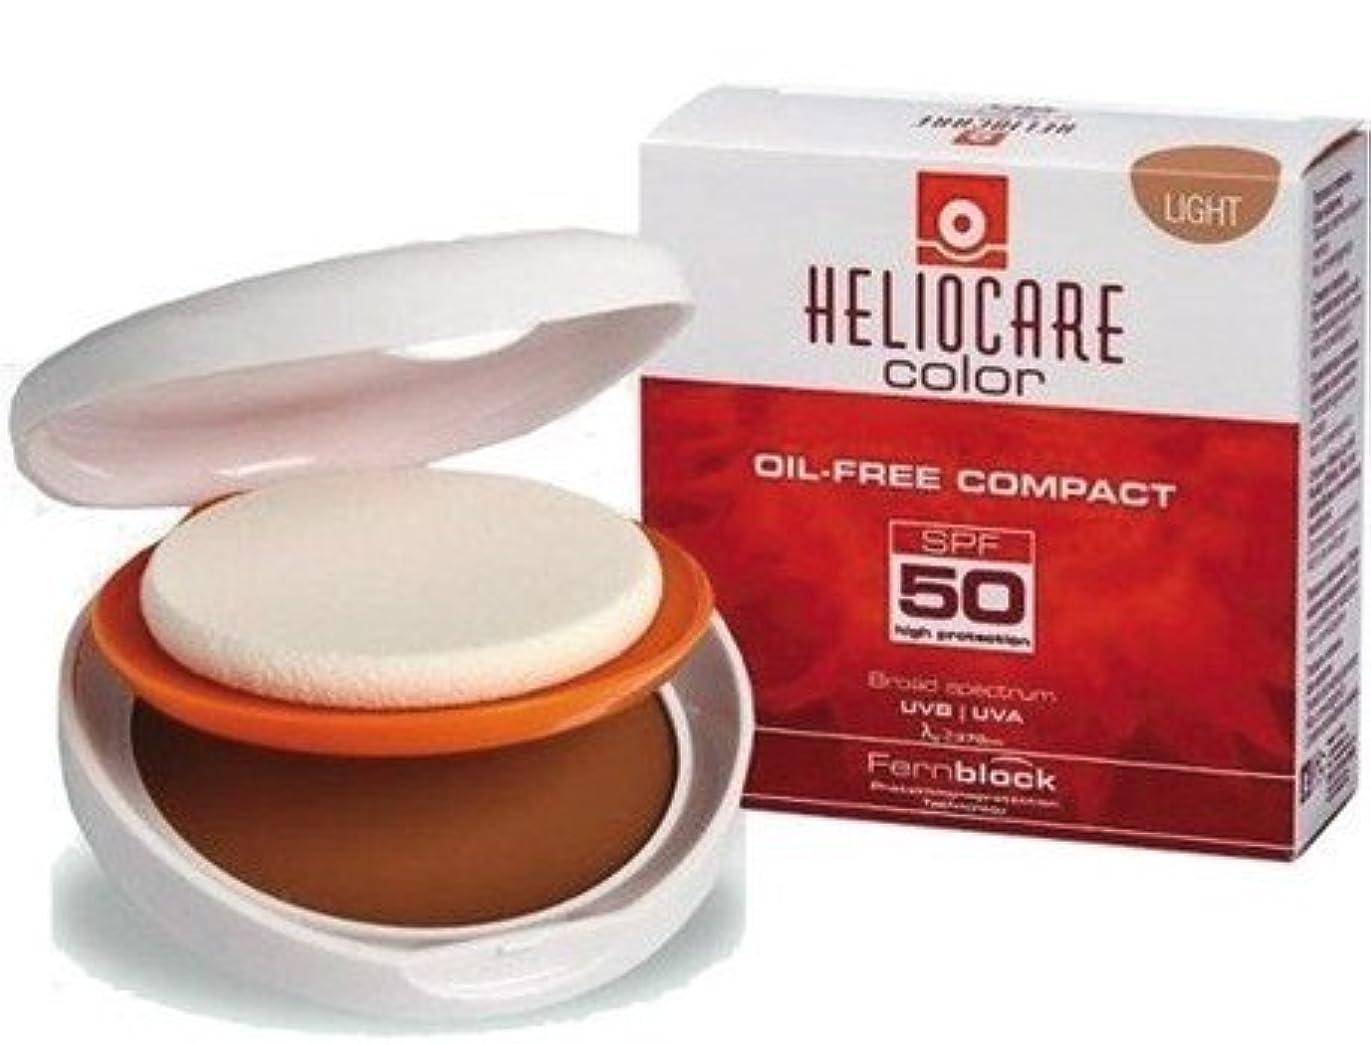 増強豊かな校長ヘリオケア カラーオイル フリーコンパクト SPF50 ライト HELIOCARE COLOR OIL FREE COMPACT SPF50 LIGHT